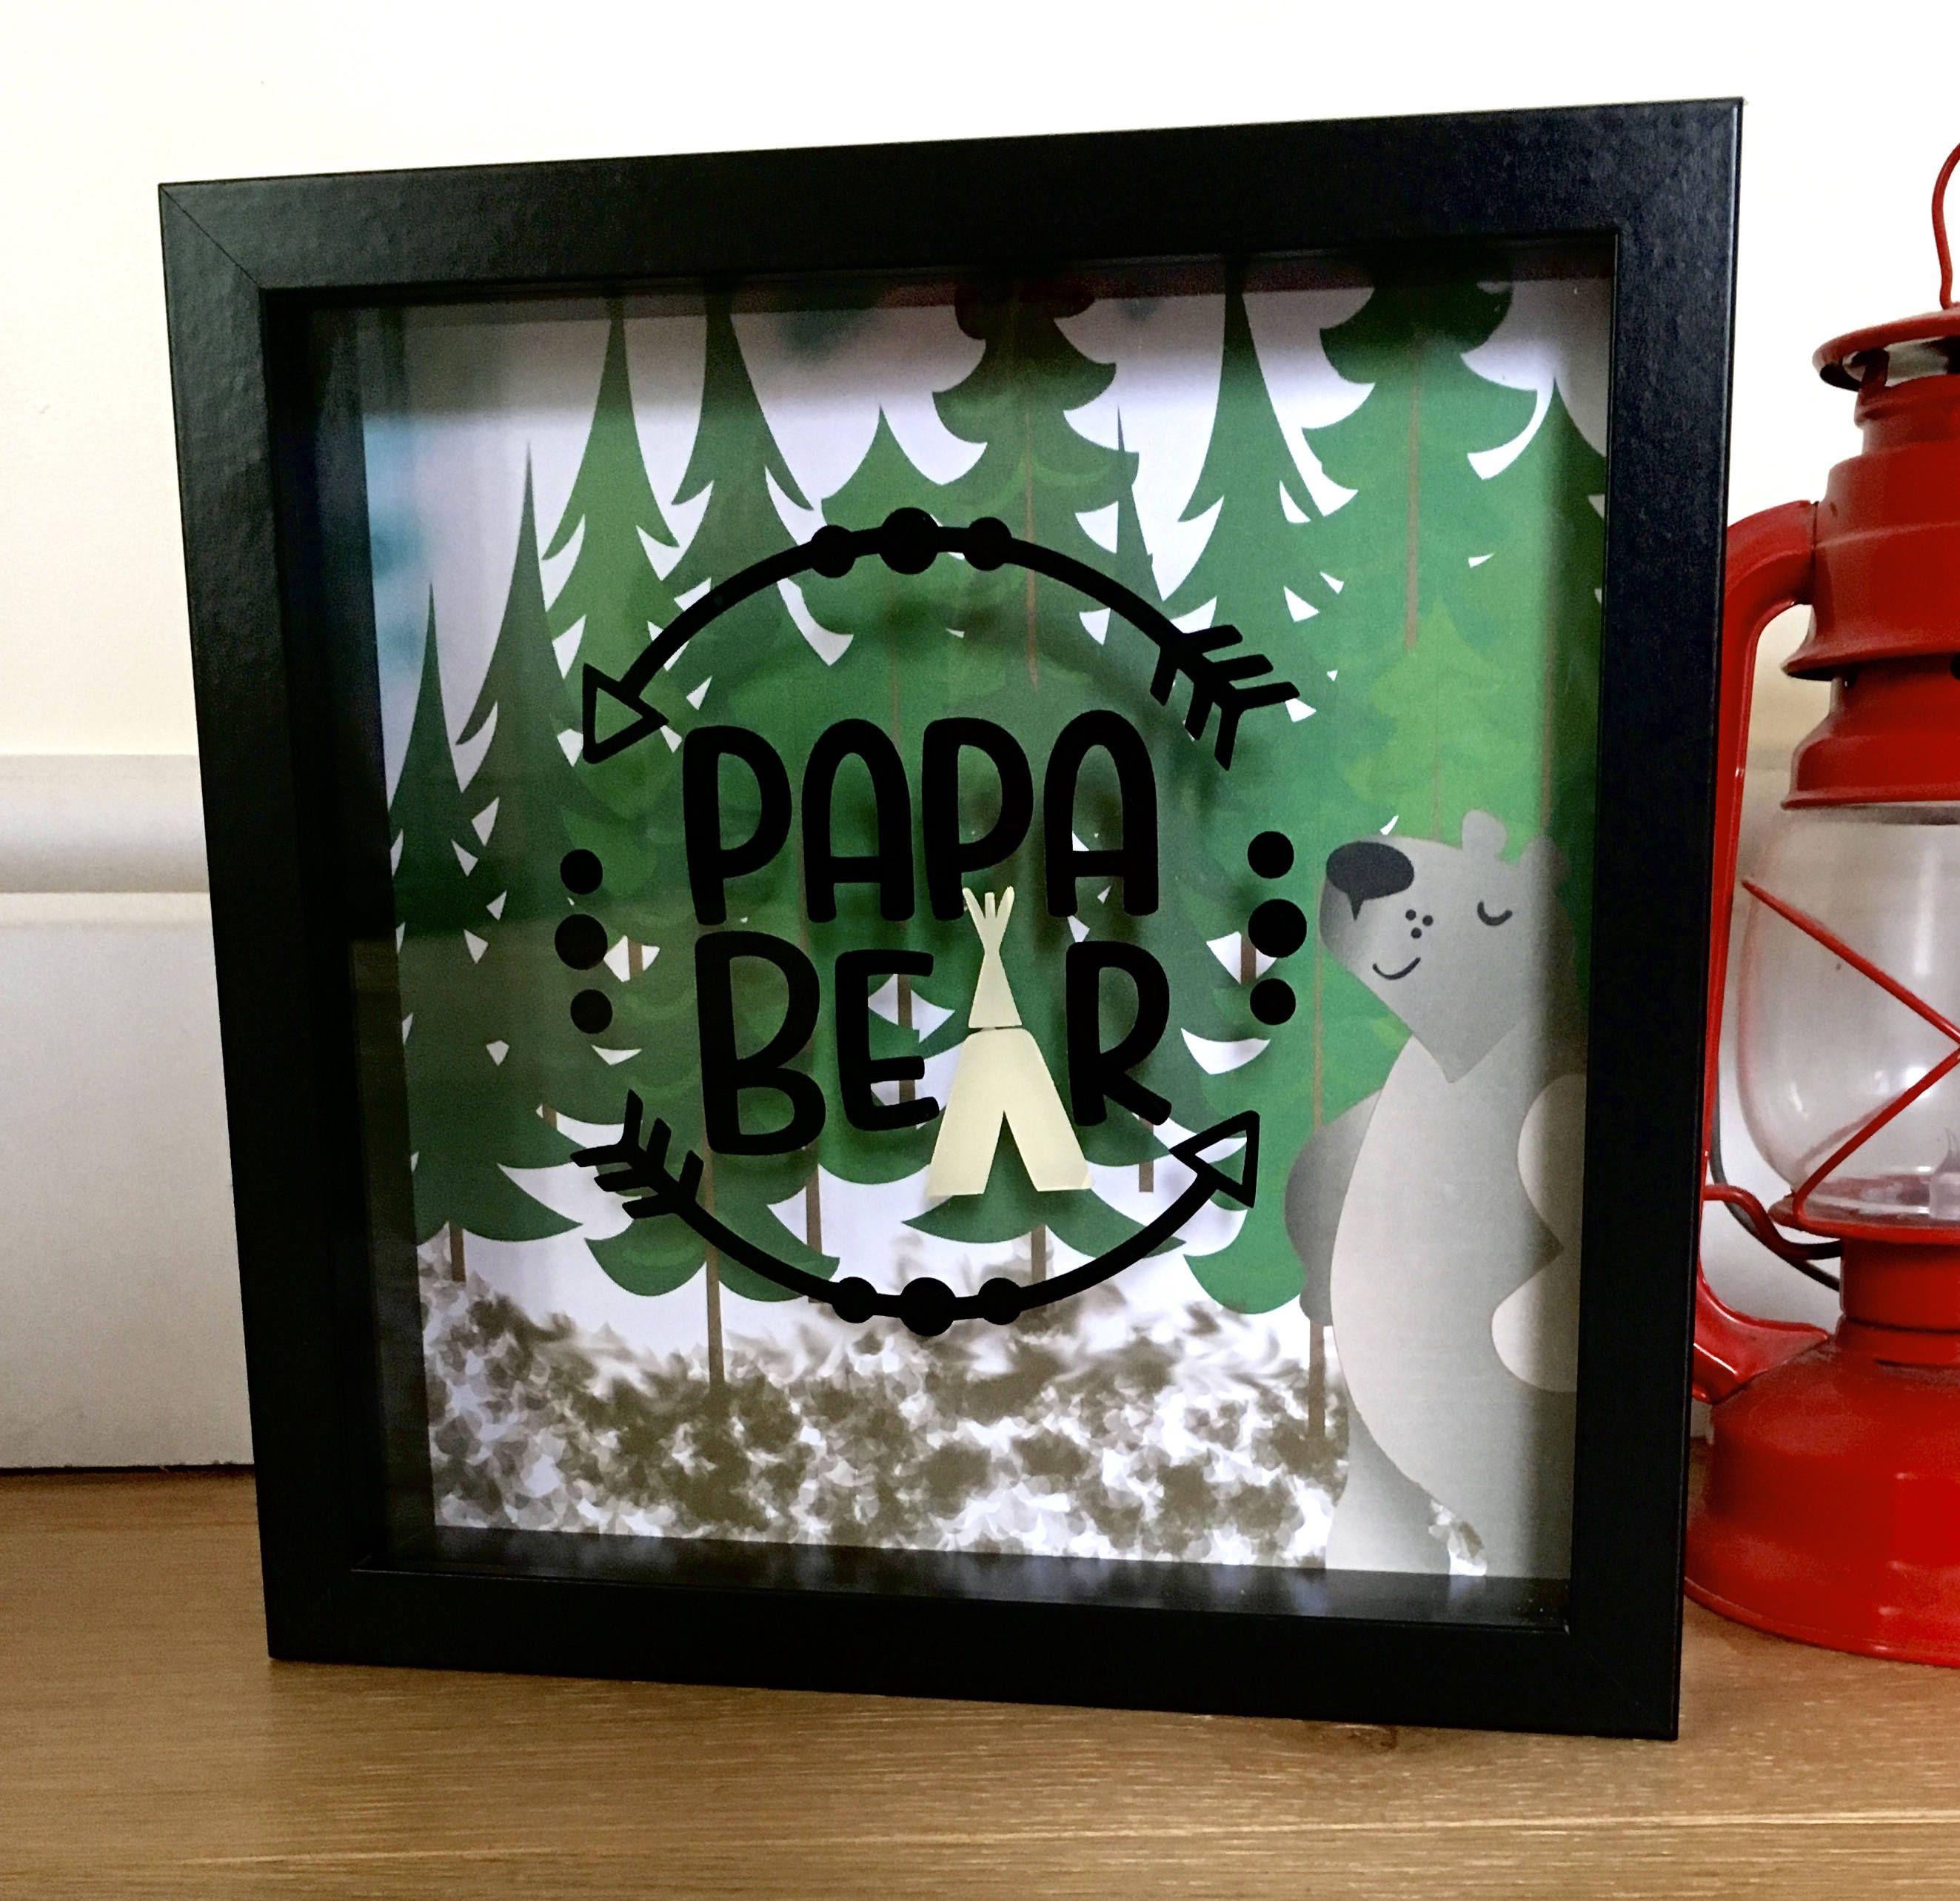 Papa bear shadow box frame black frame bear art gifts for him papa bear shadow box frame black frame bear art gifts for him negle Choice Image